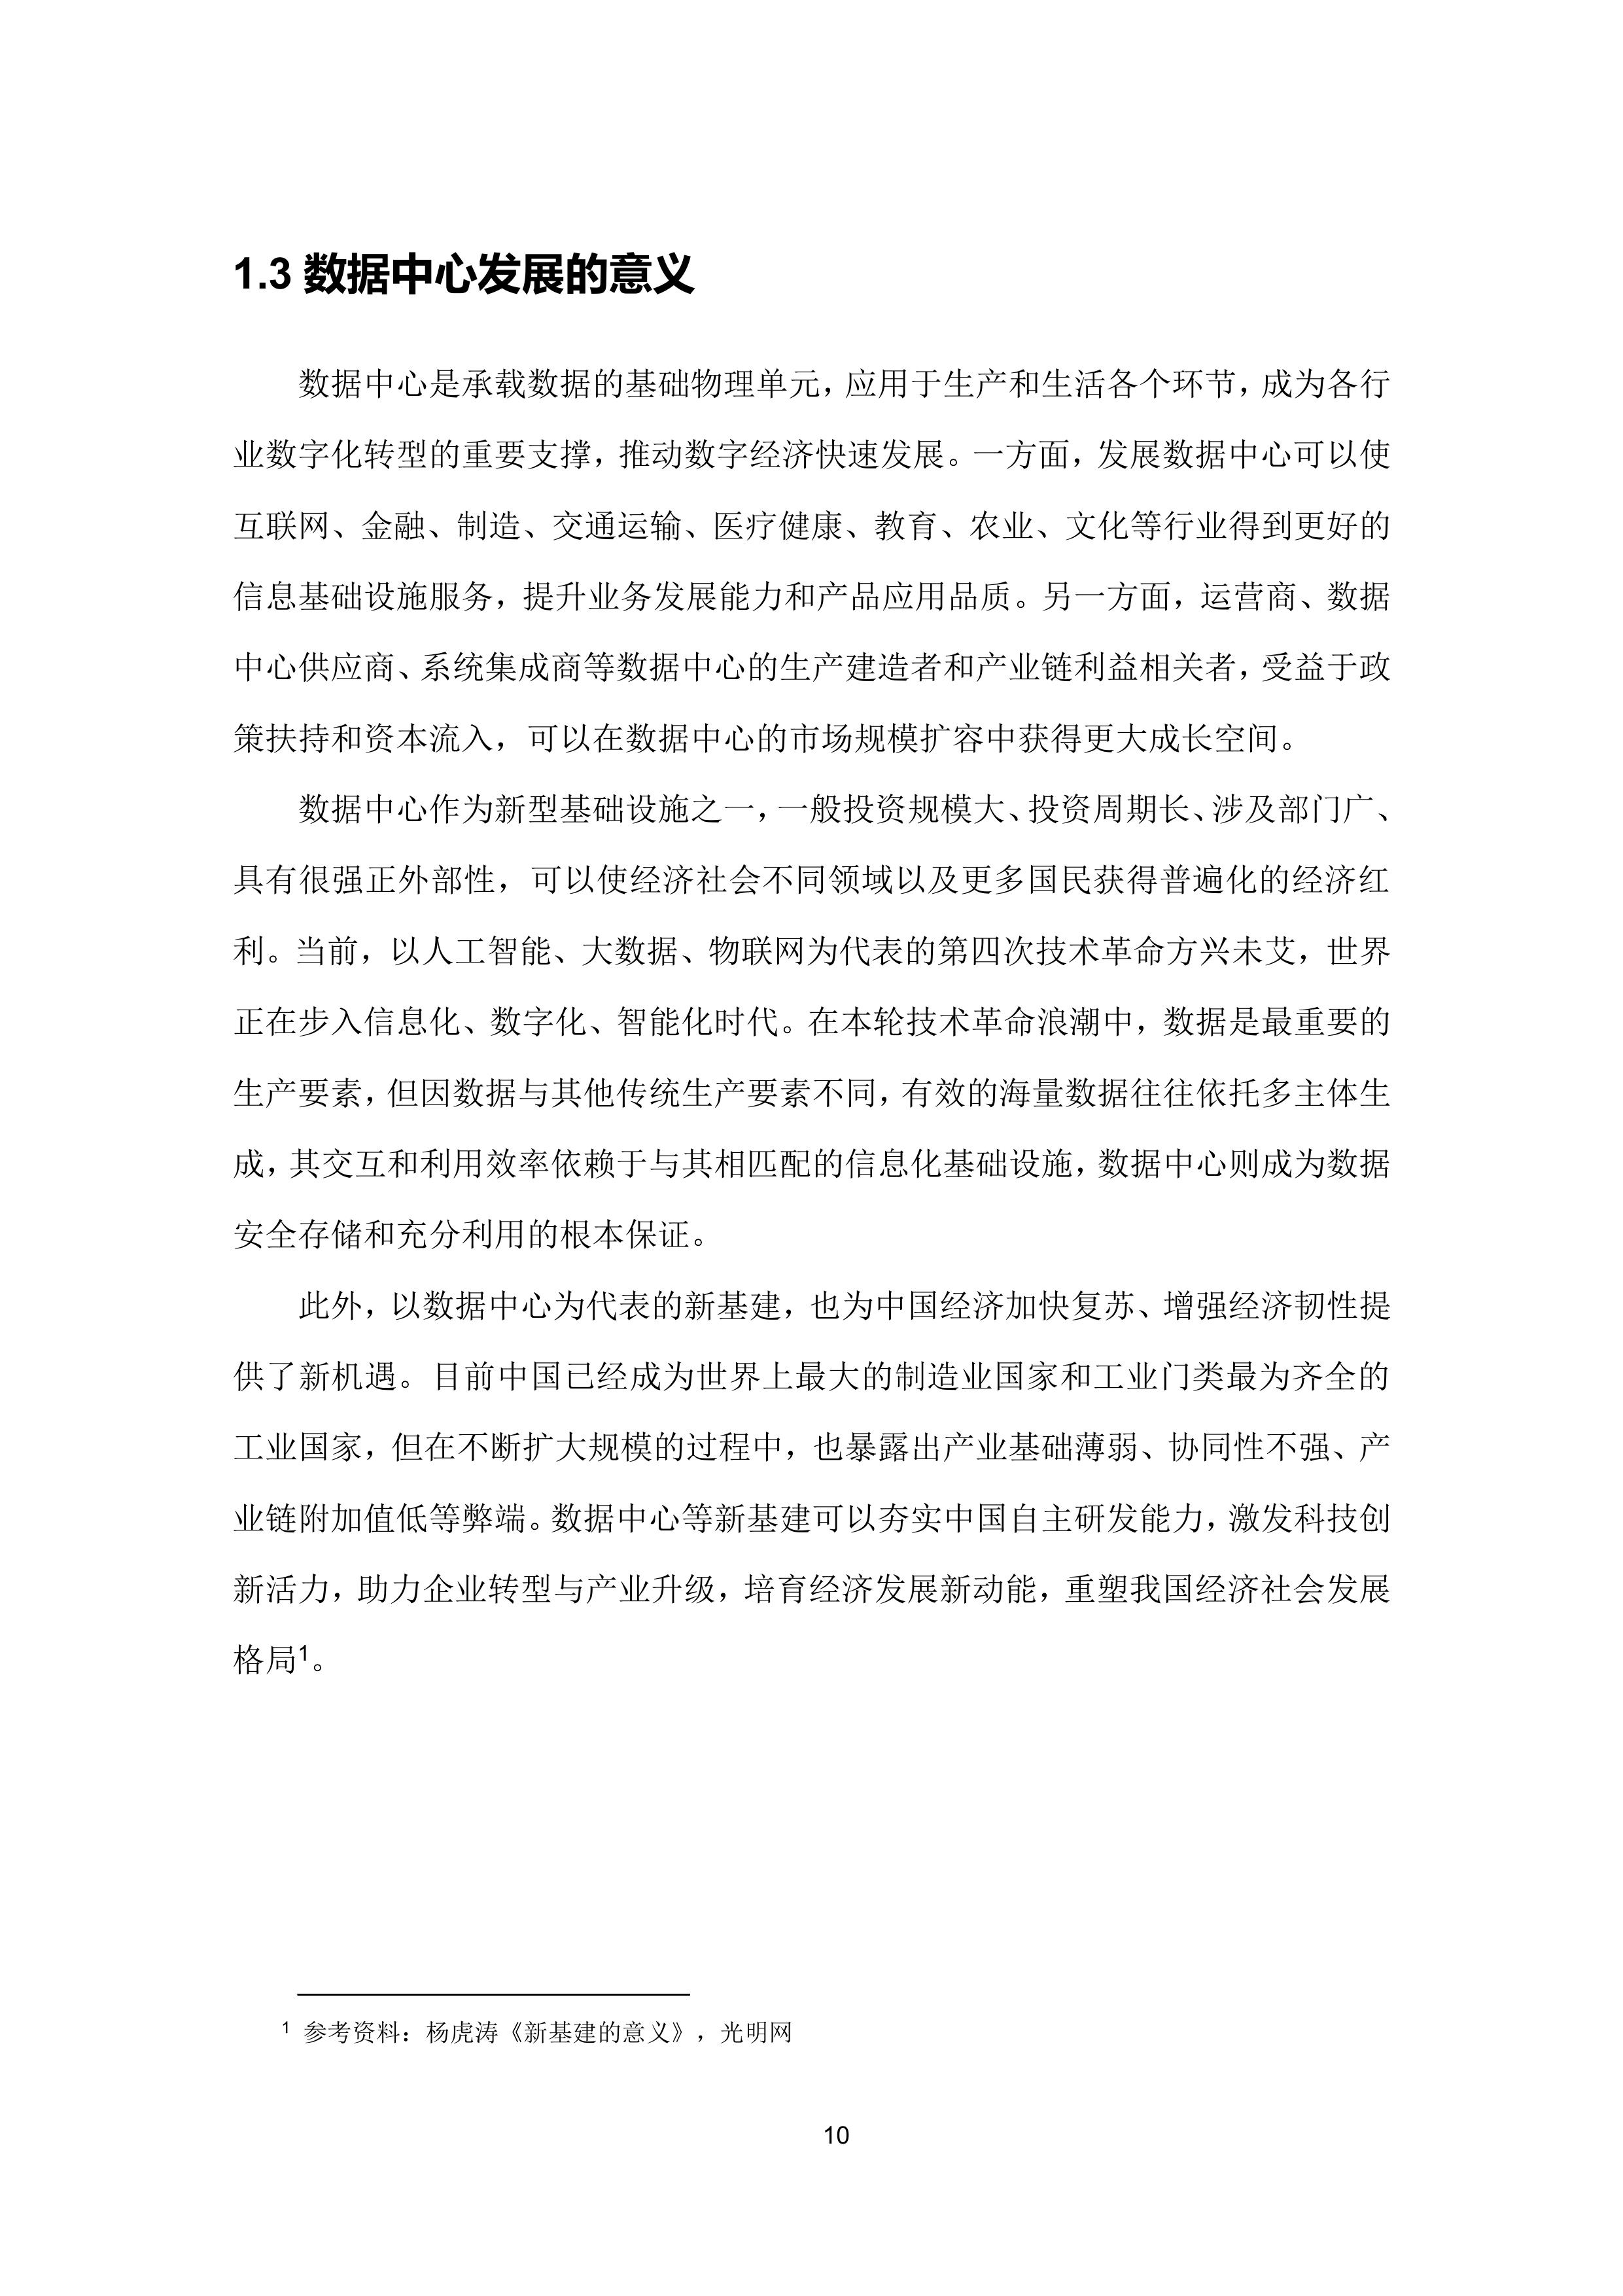 36氪研究院 - 新基建系列之:2020年中国城市数据中心发展指数报告-大菠萝官网(图21)